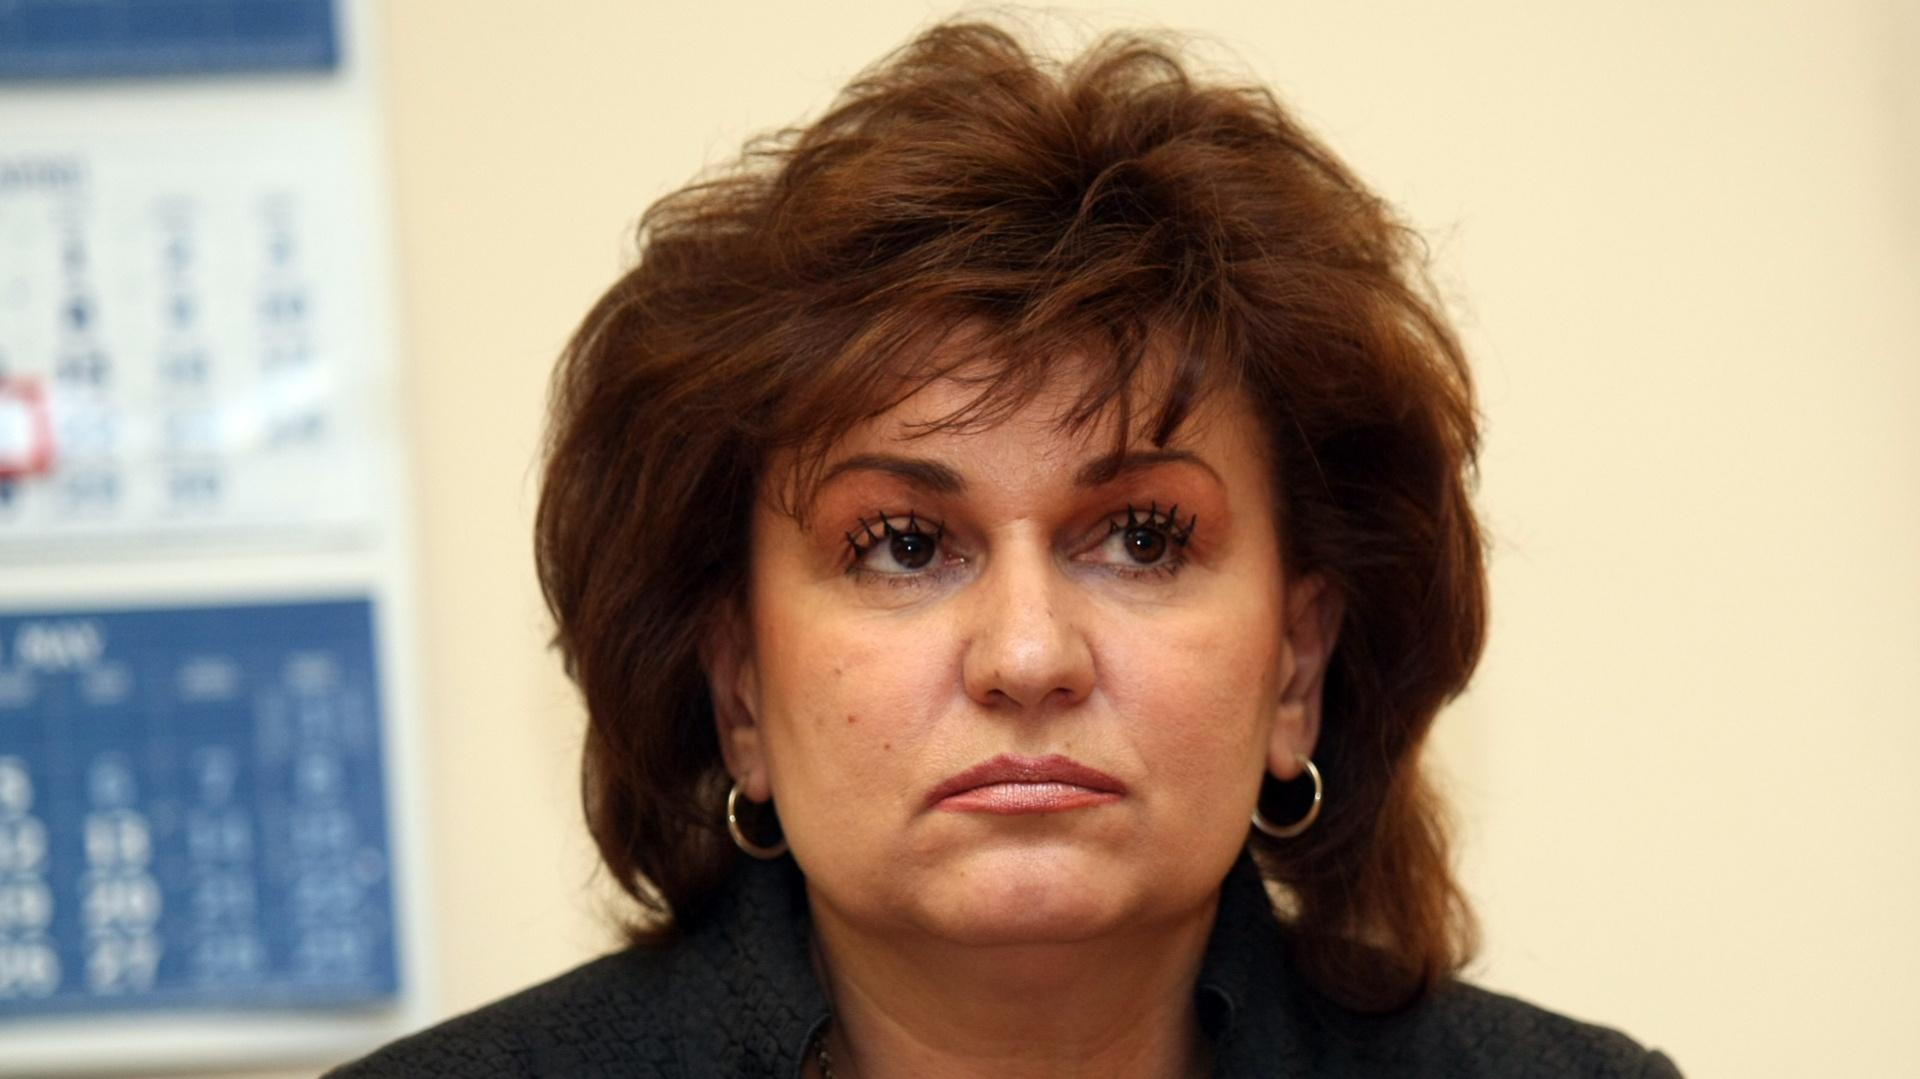 Ръководителят на Апелативната специализирана прокуратура Даниела Попова е подала оставка,